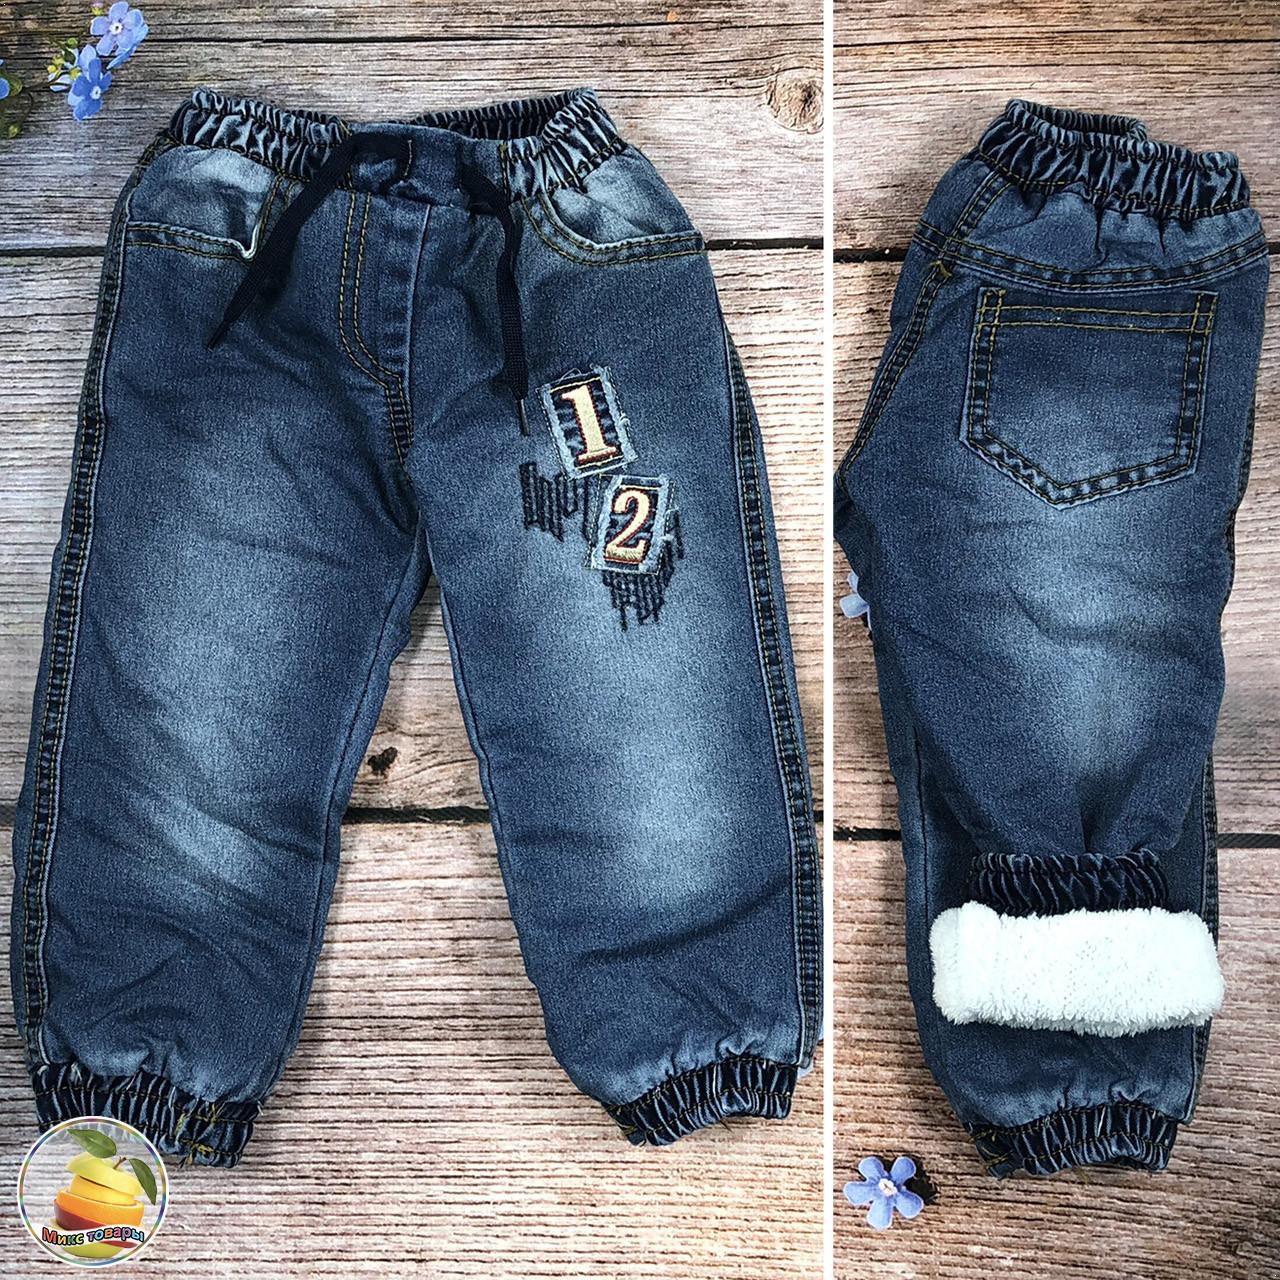 Синие джинсы с утеплителем для мальчика Размеры: 2,3,4,5 лет (8885)